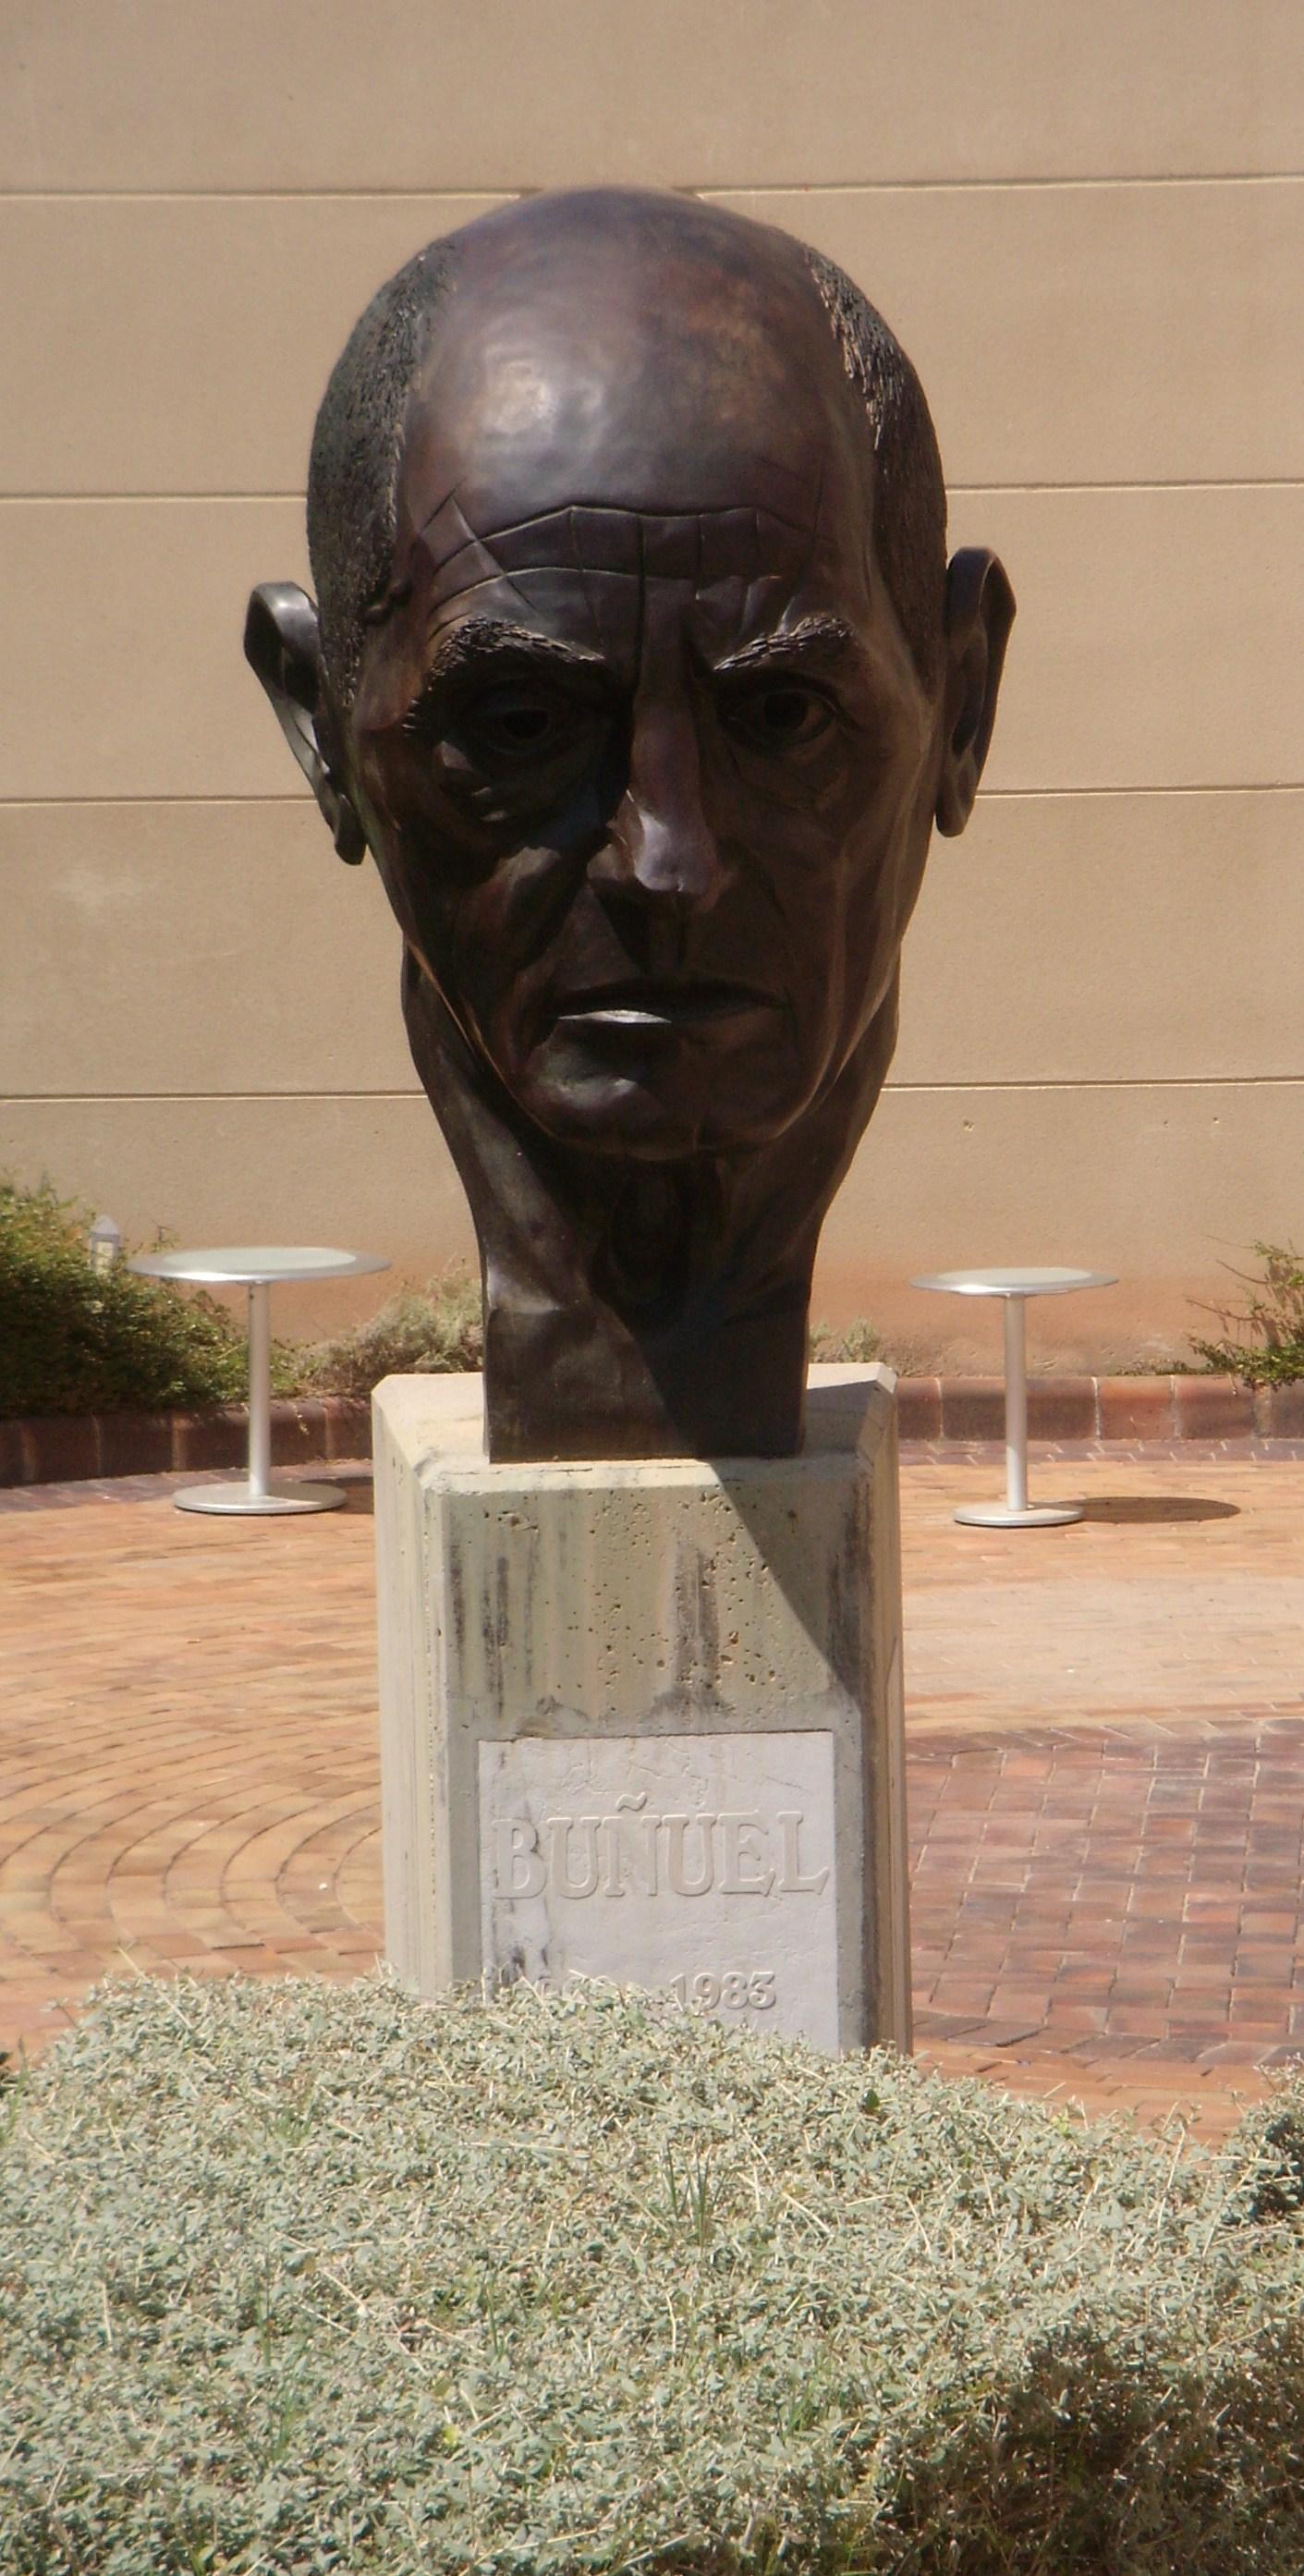 Cabeza de Luis Buñuel, obra del escultor Iñaki, en el Centro Buñuel Calanda.